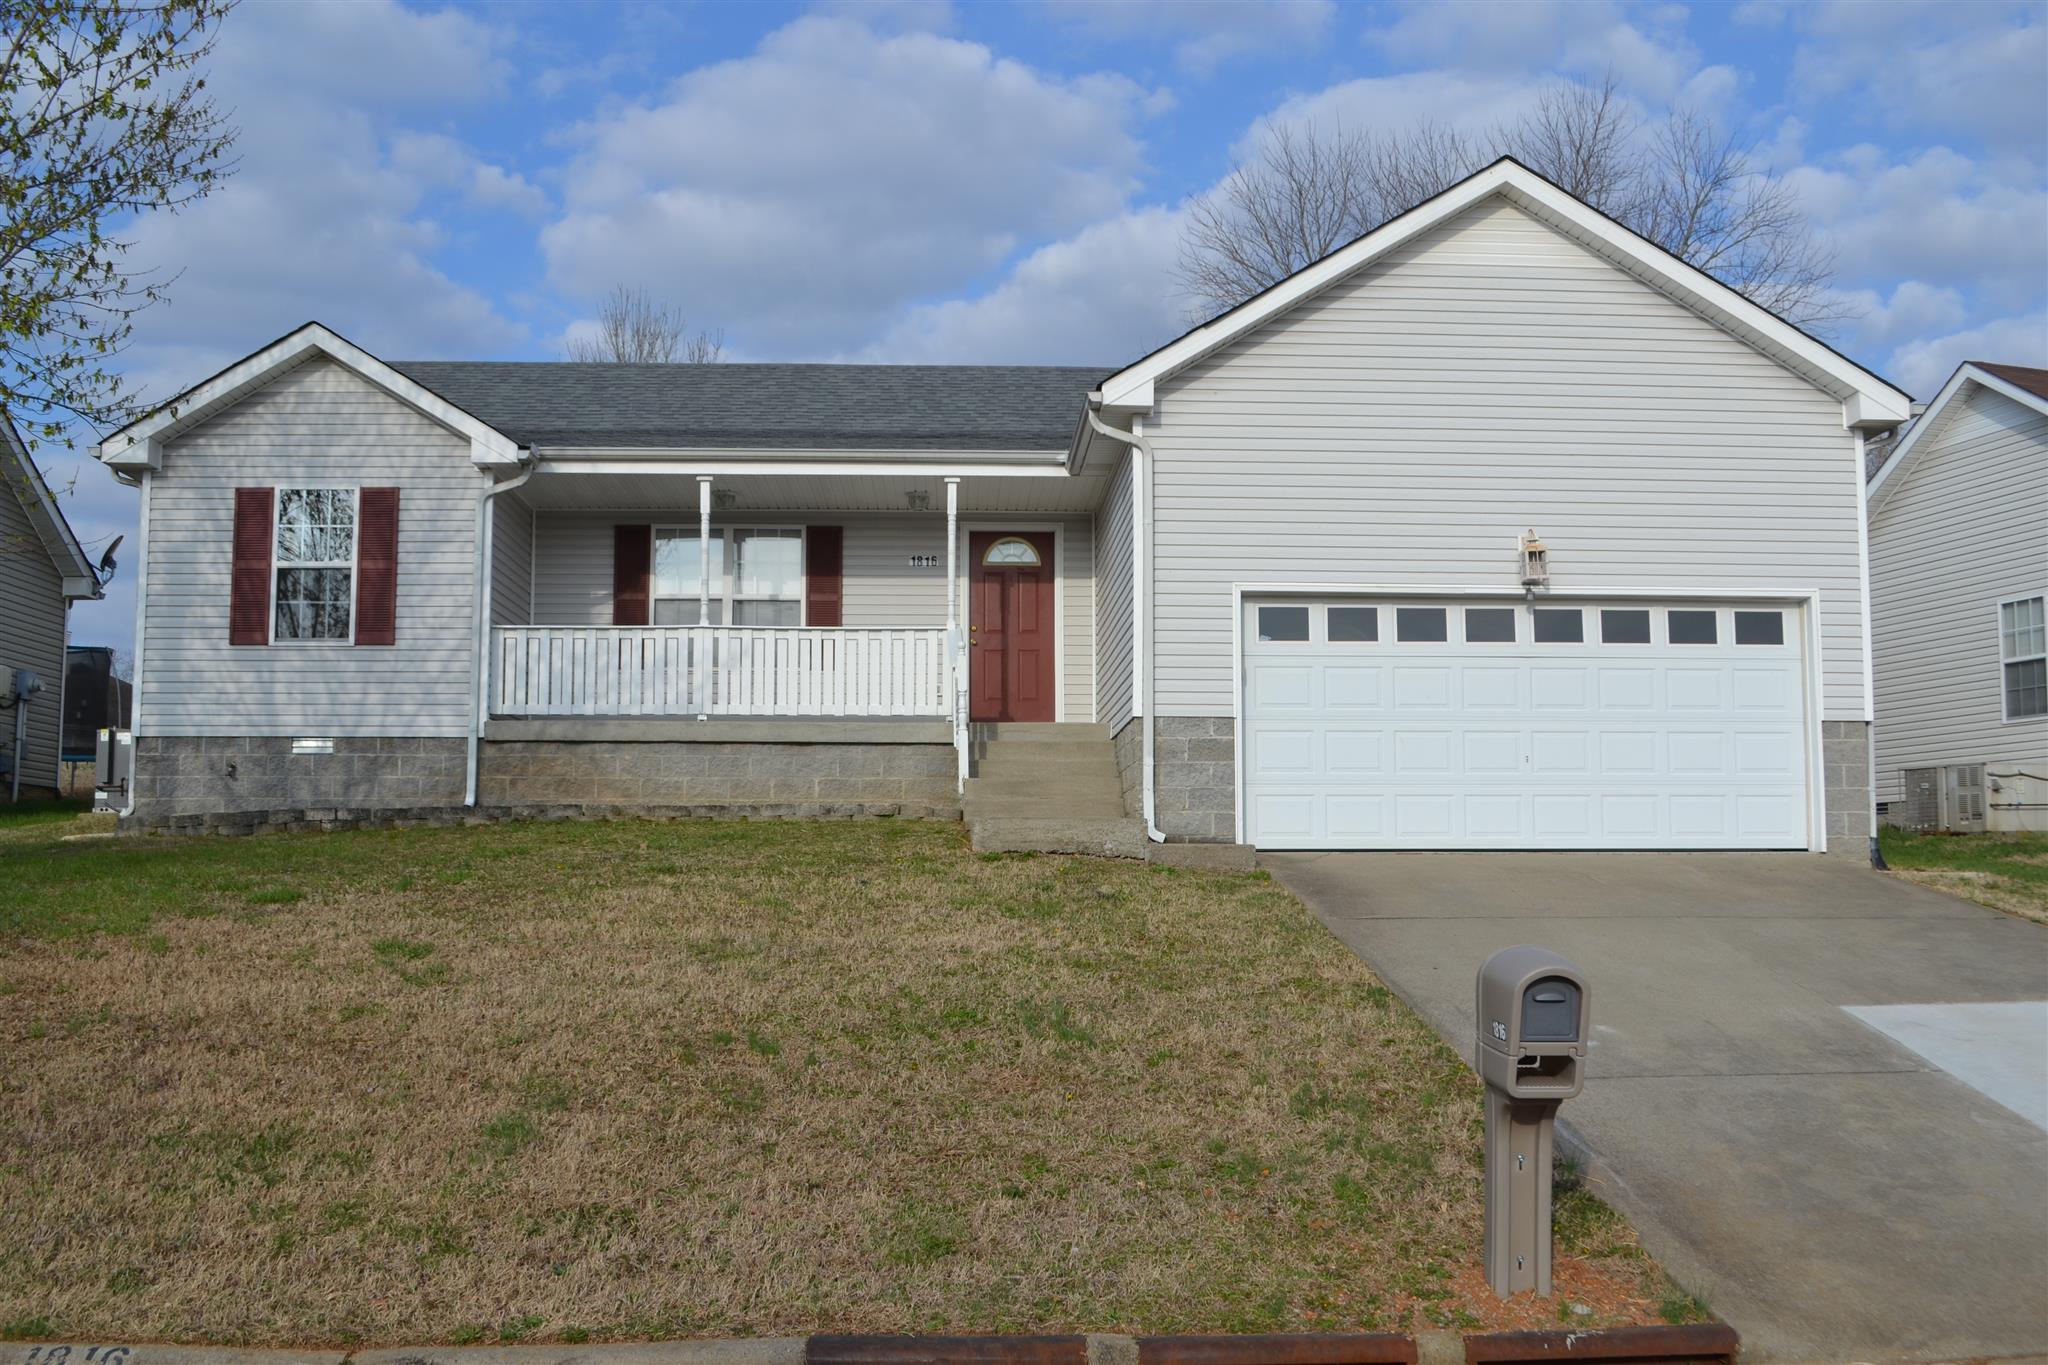 1816 Northwind Dr, Clarksville, TN 37042